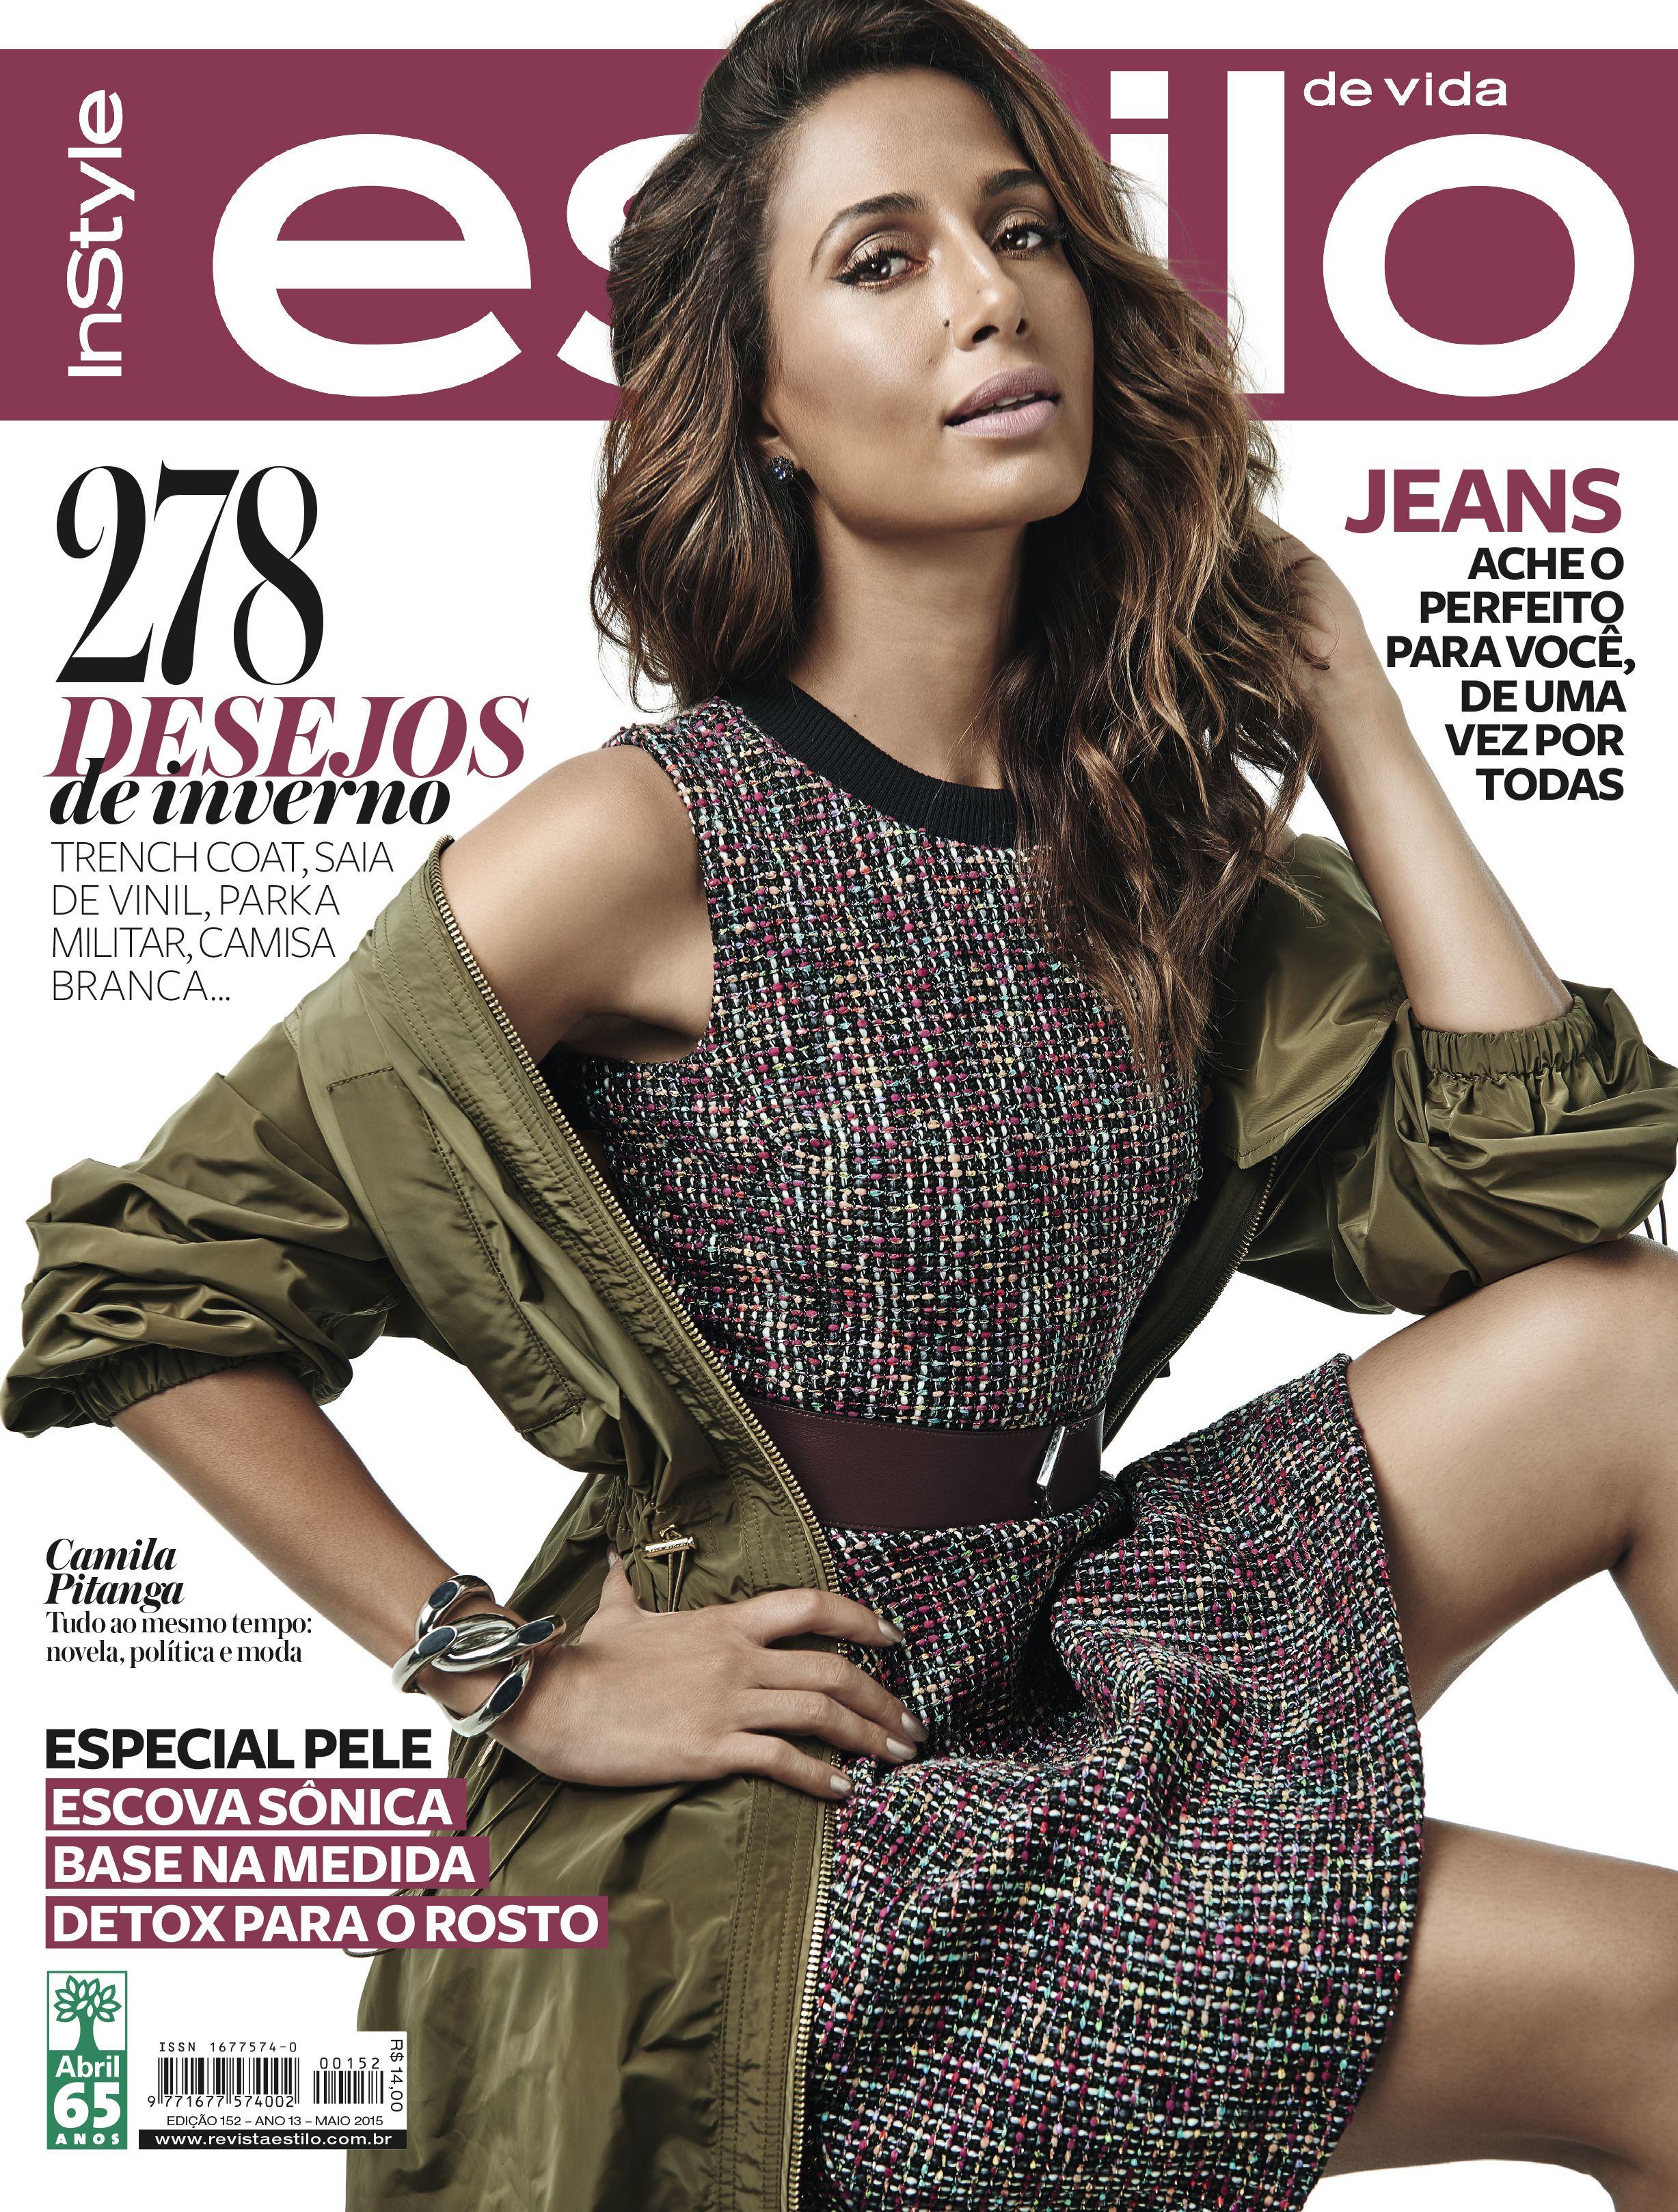 Camila Pitanga é capa da revista Estilo de maio